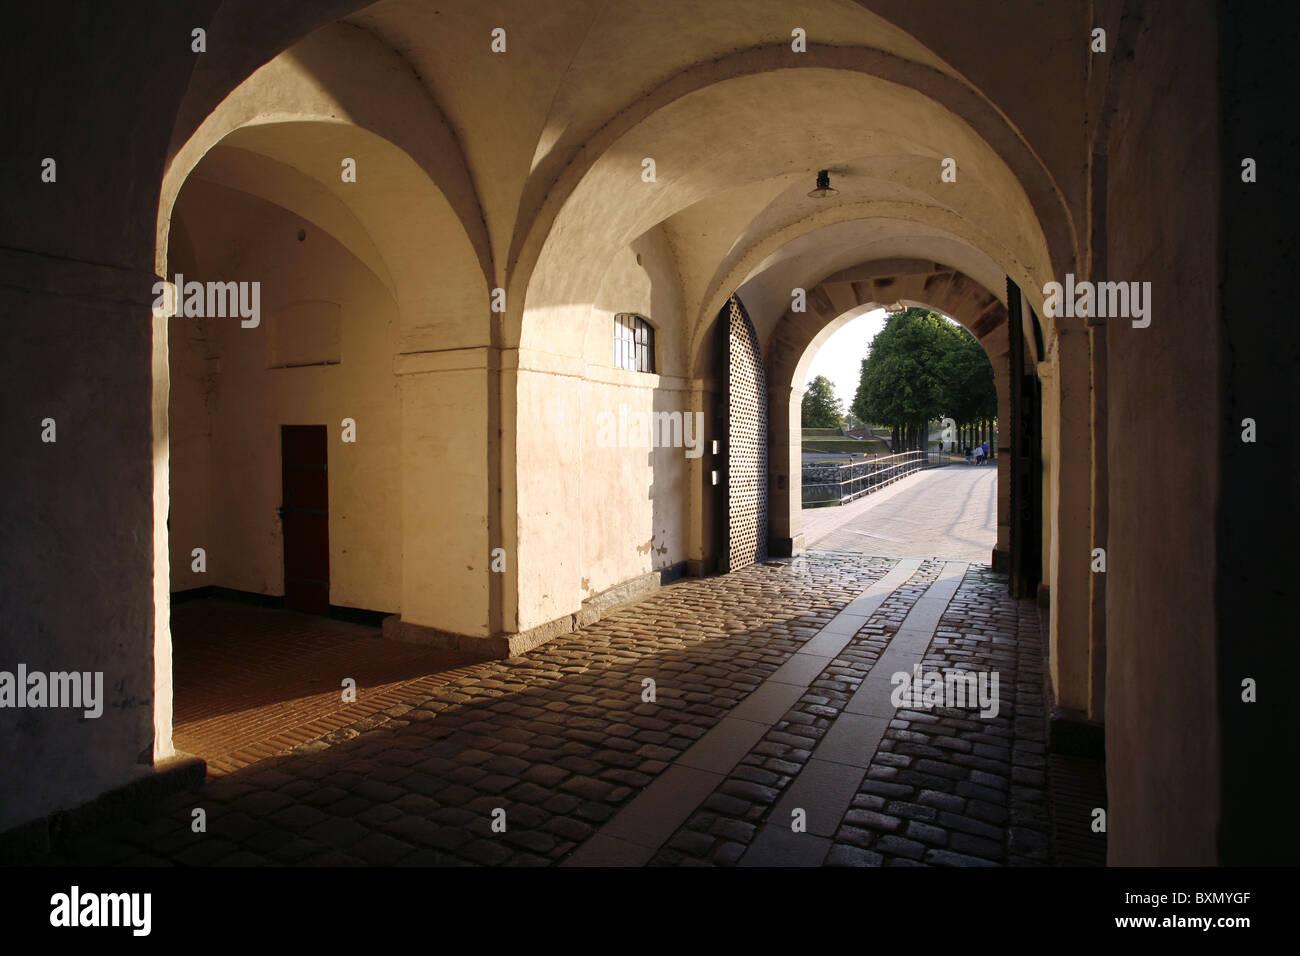 Kronværksporten, The Crownwork Gate, Kronborg Castle, Helsingør, Zealand, Denmark - Stock Image